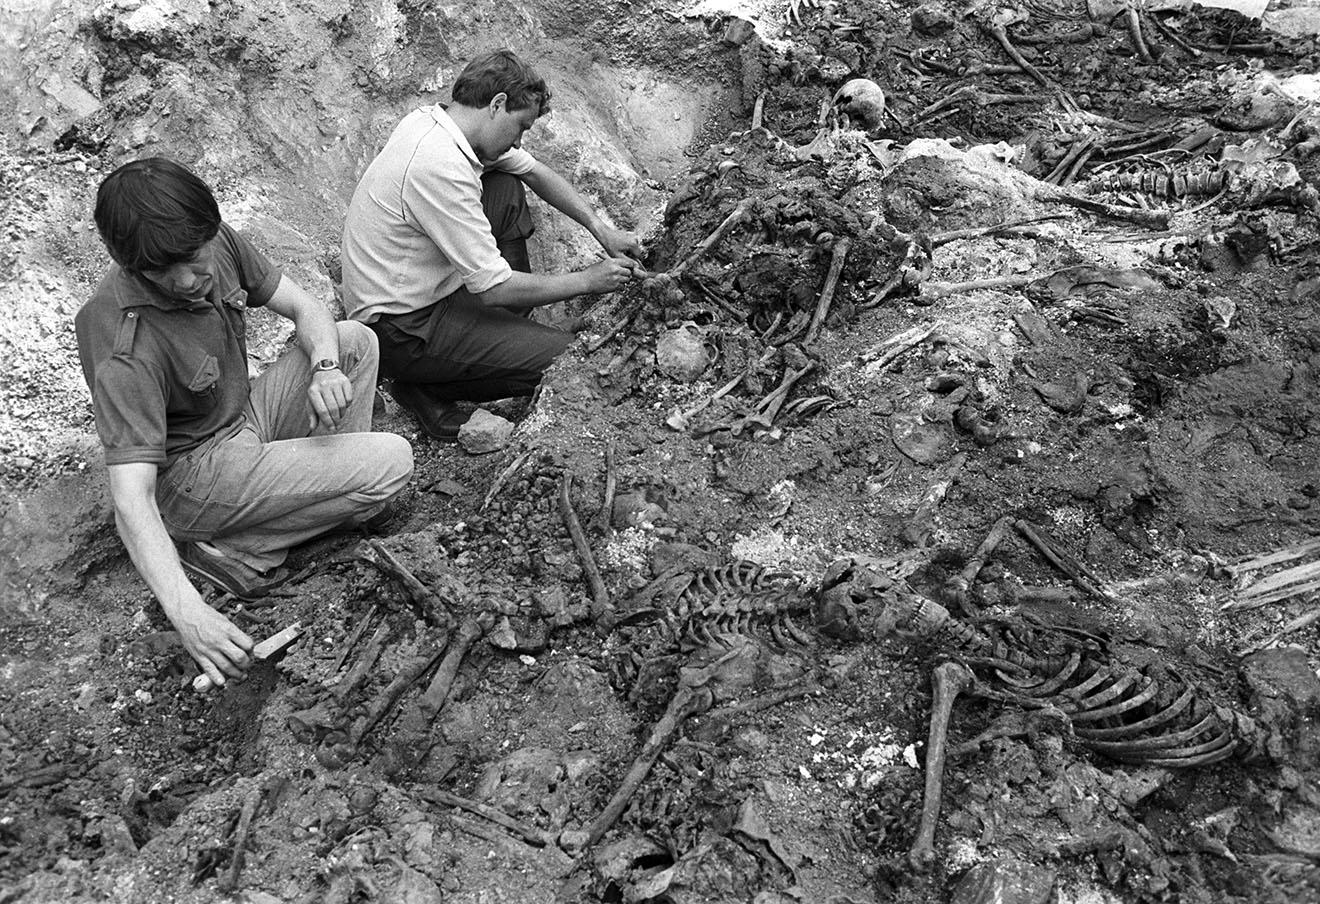 Раскопки на месте массового захоронения жертв сталинских репрессий, 1989 год.